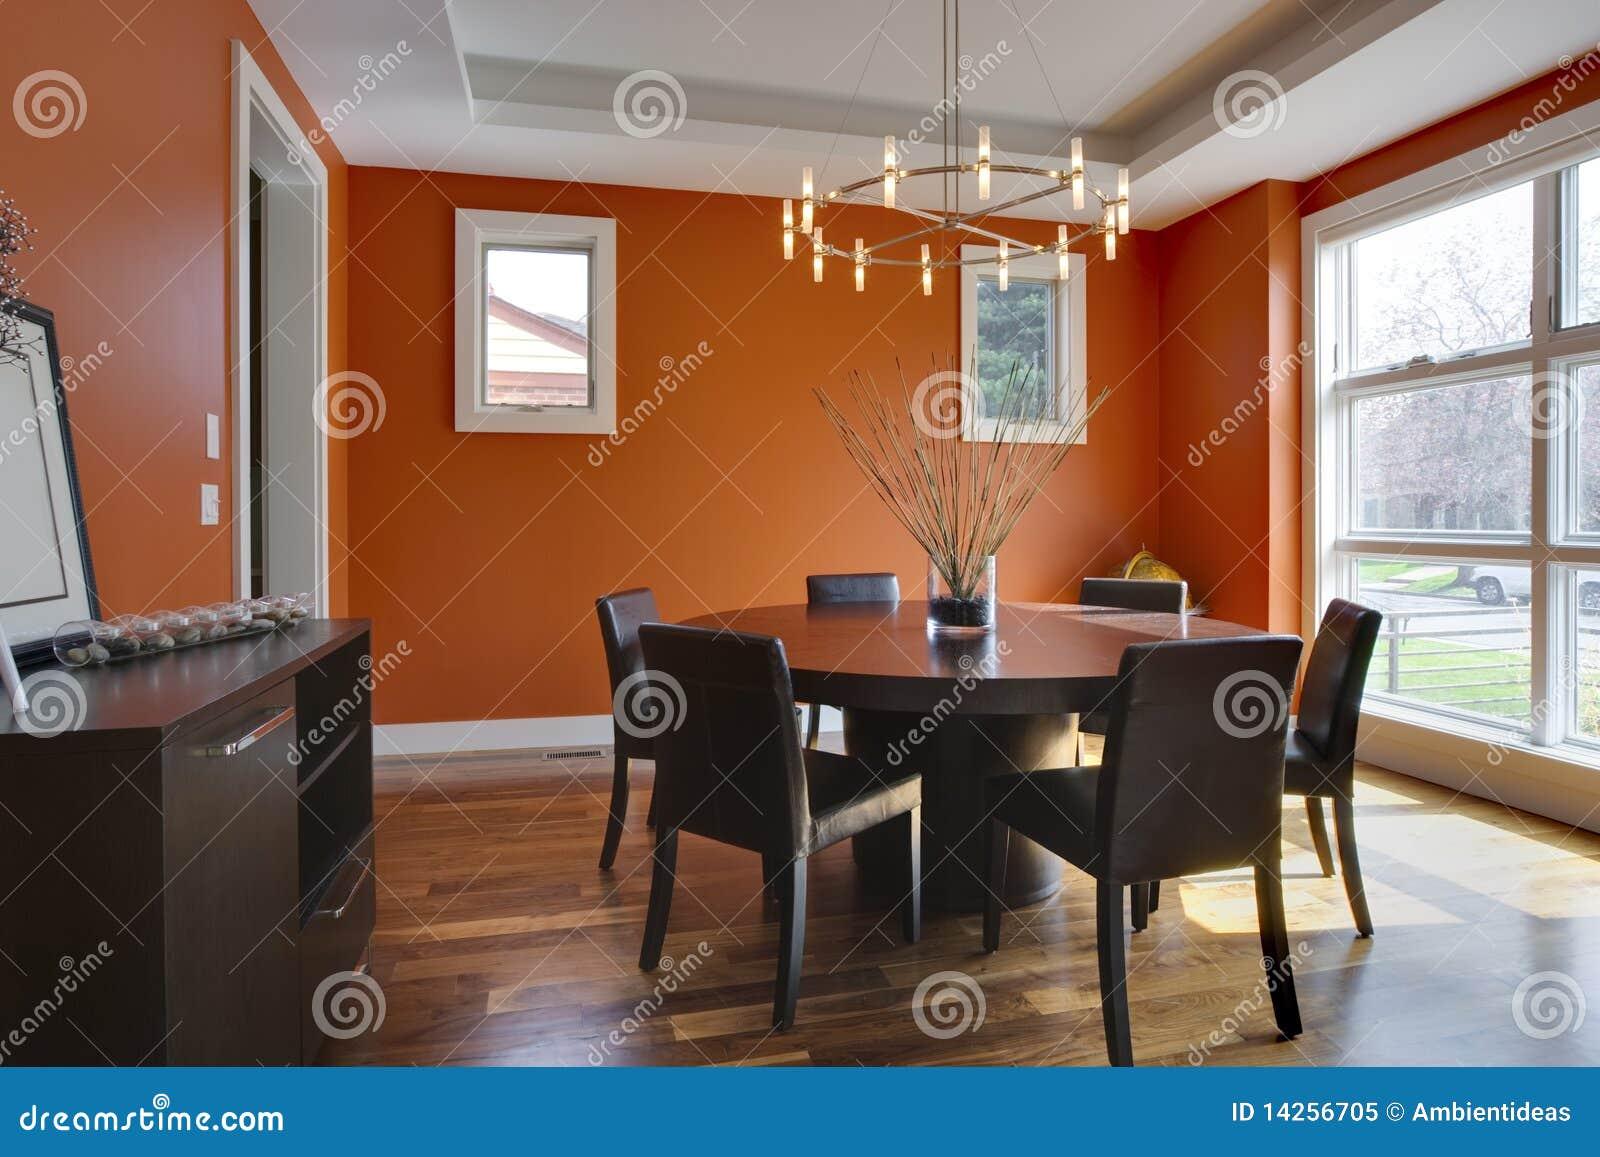 De eetkamer van de luxe met oranje muren royalty vrije stock foto beeld 14256705 - Foto eetkamer ...